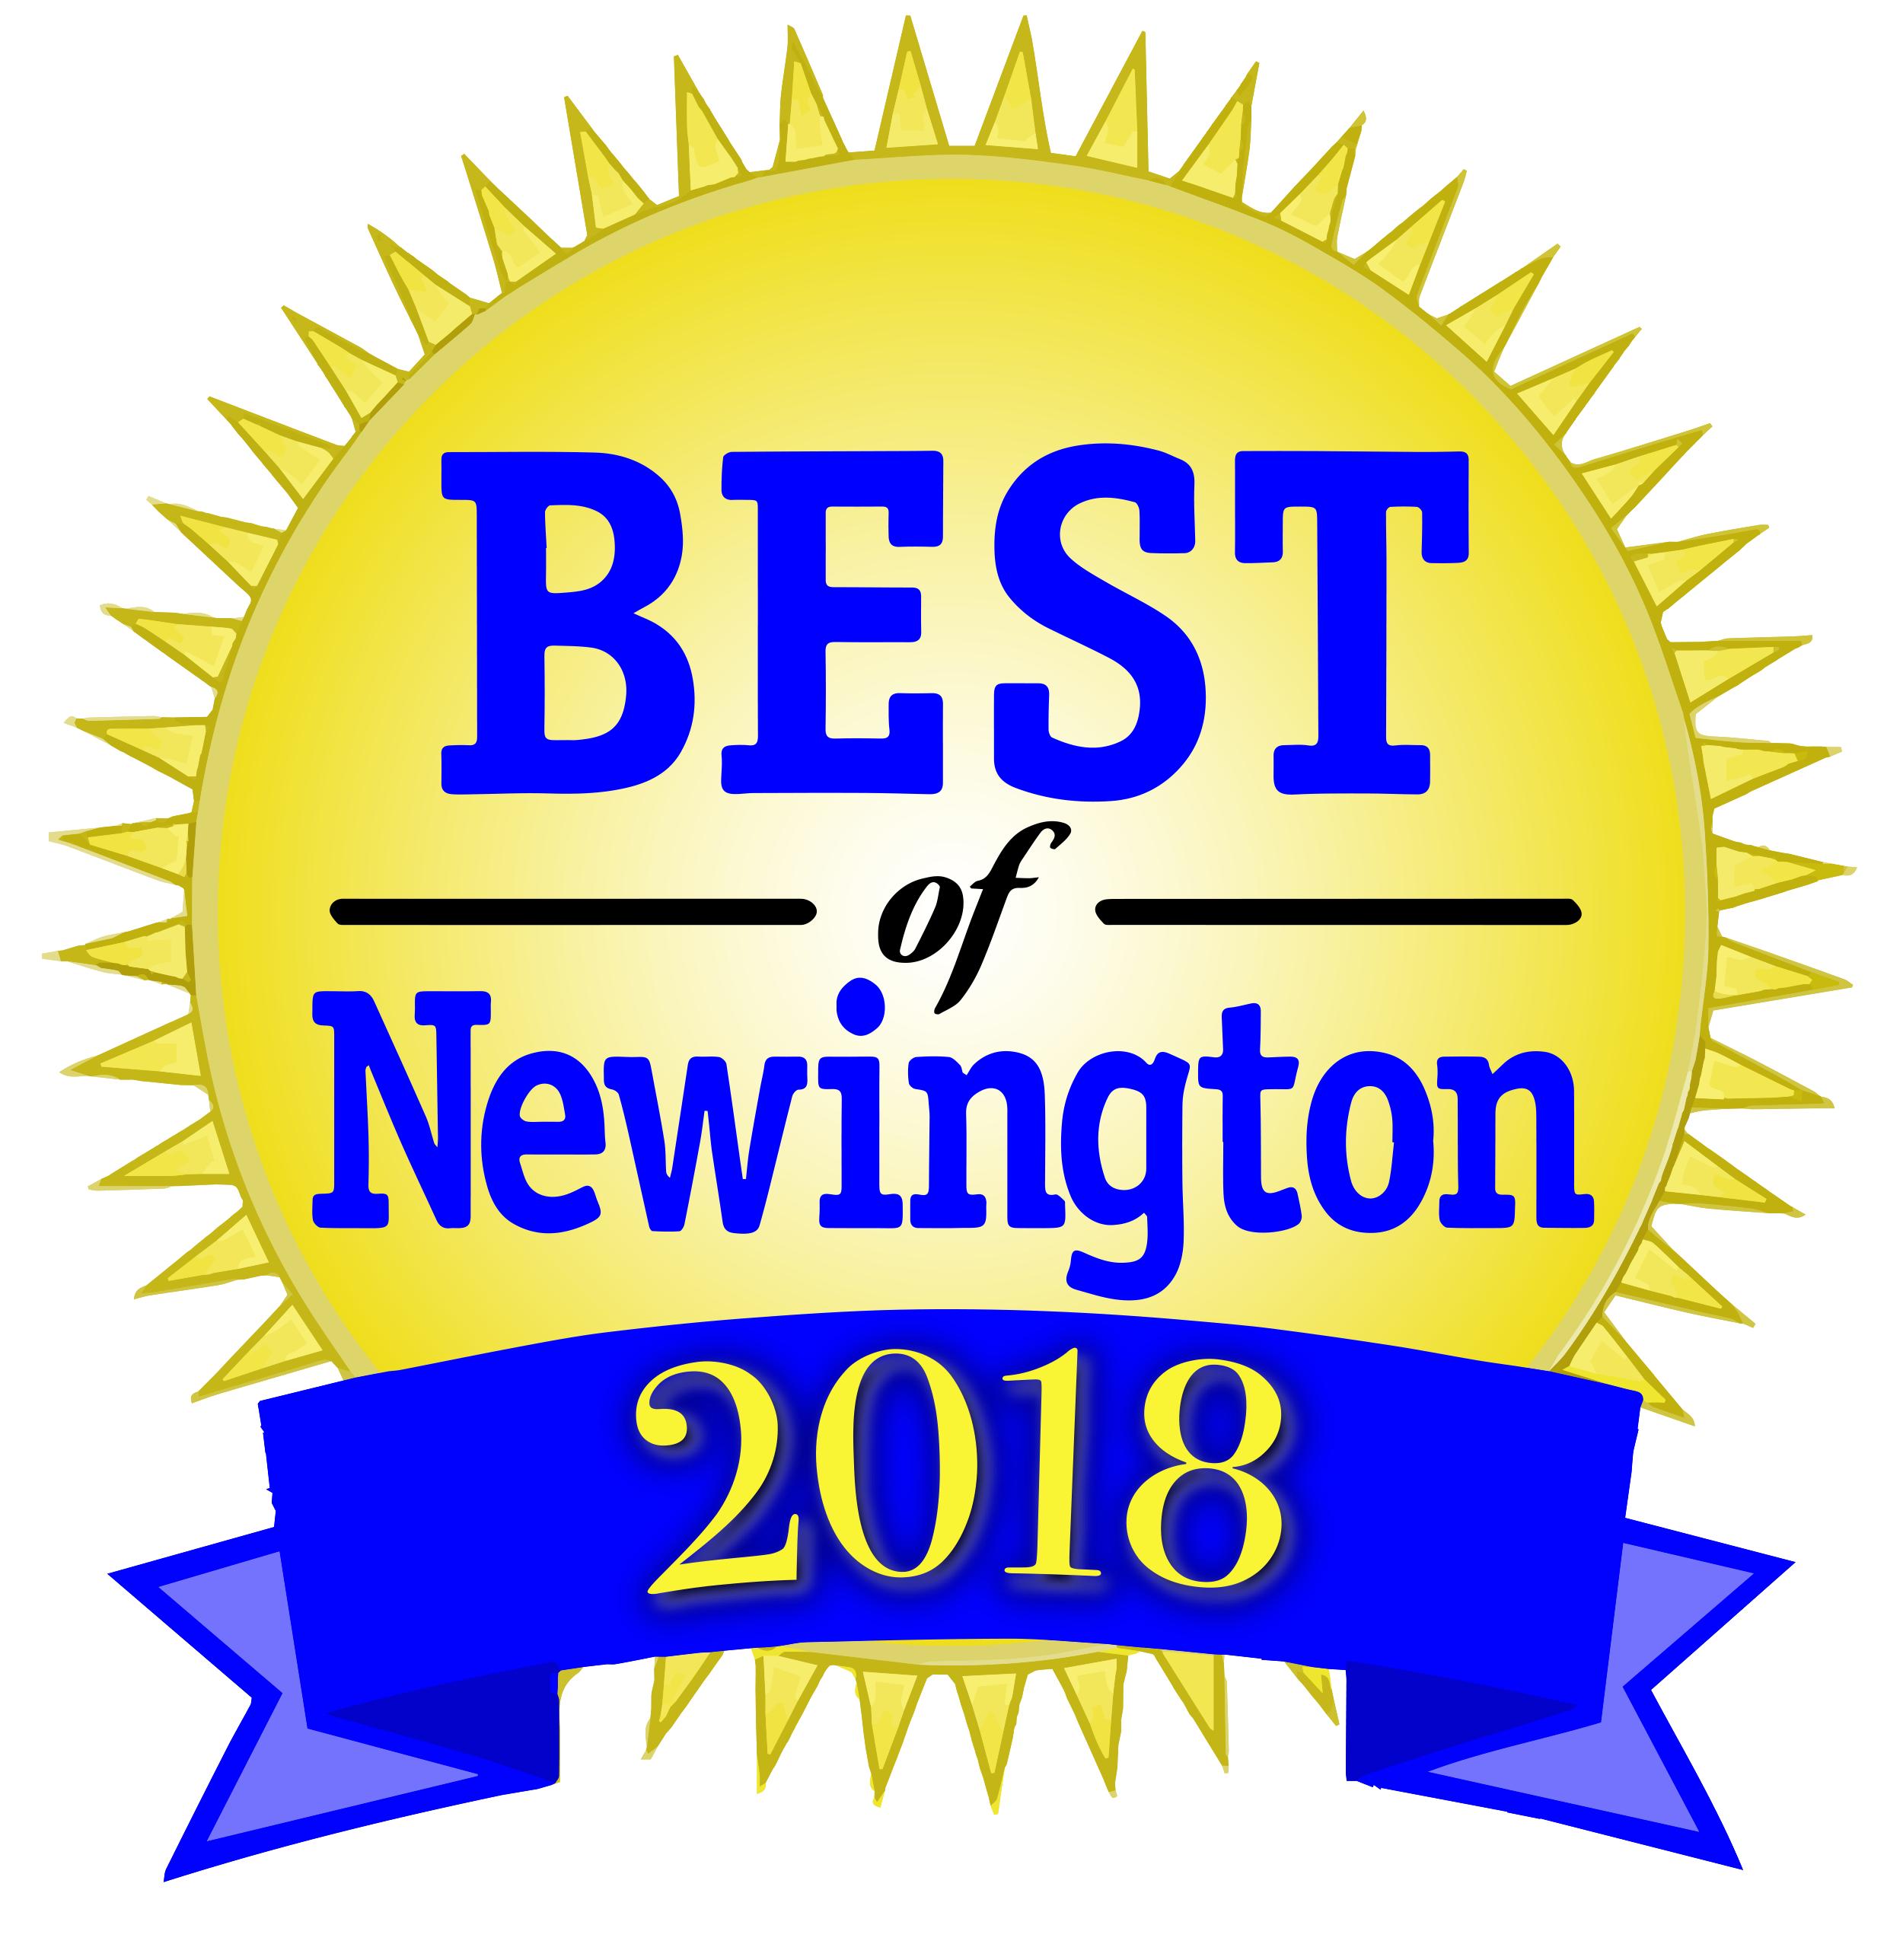 Award-Winning Senior Living Community in Newington